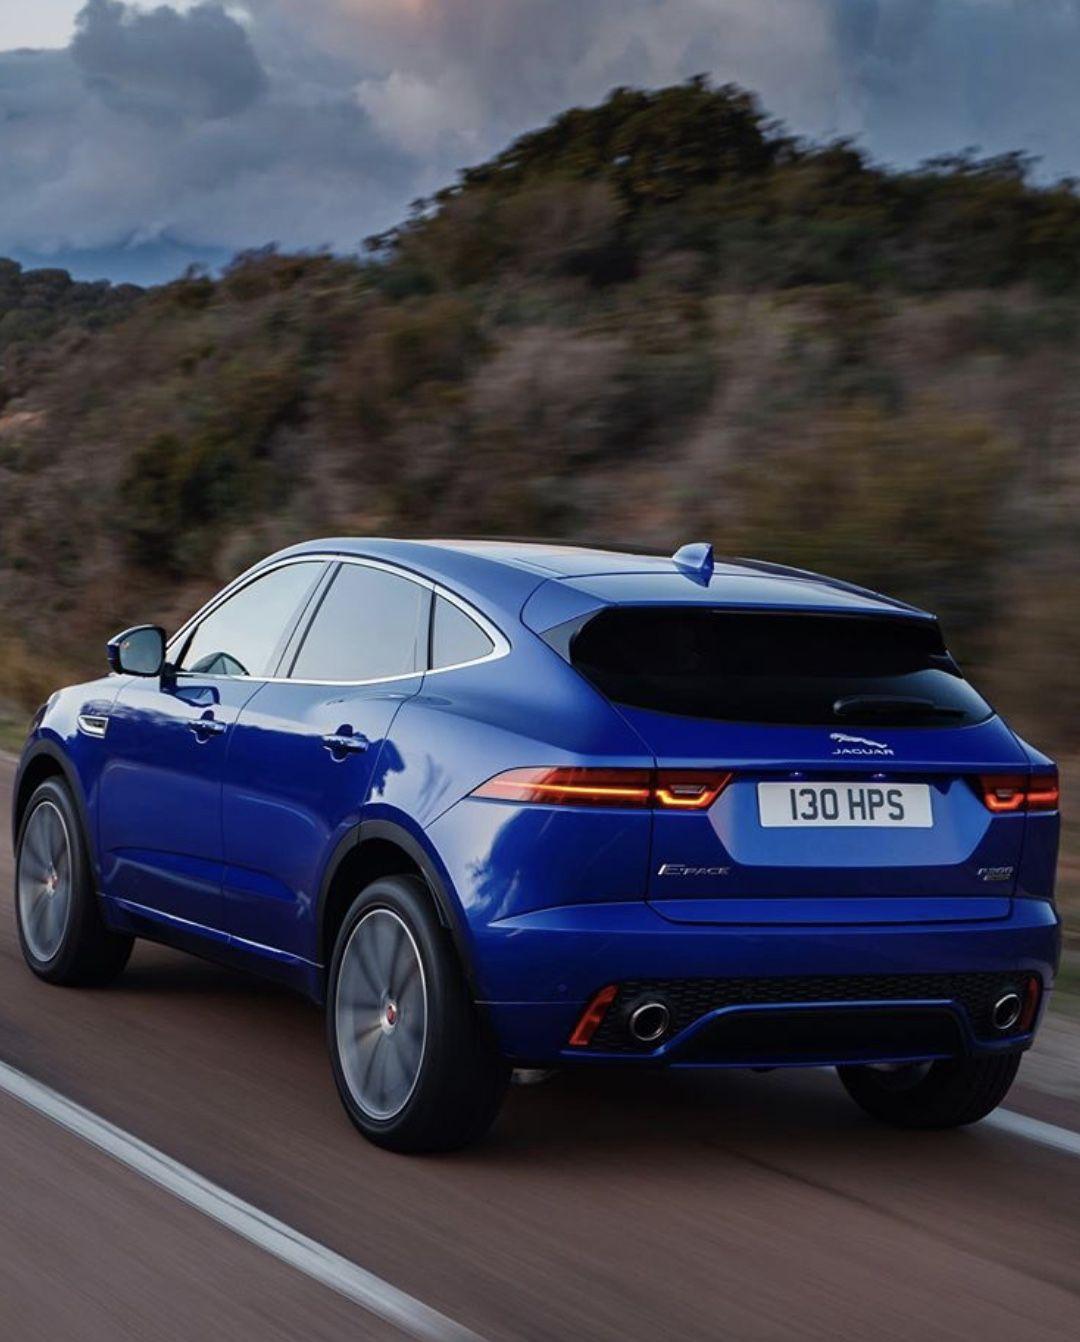 Jaguar E pace Range rover supercharged, Jaguar, Luxury suv